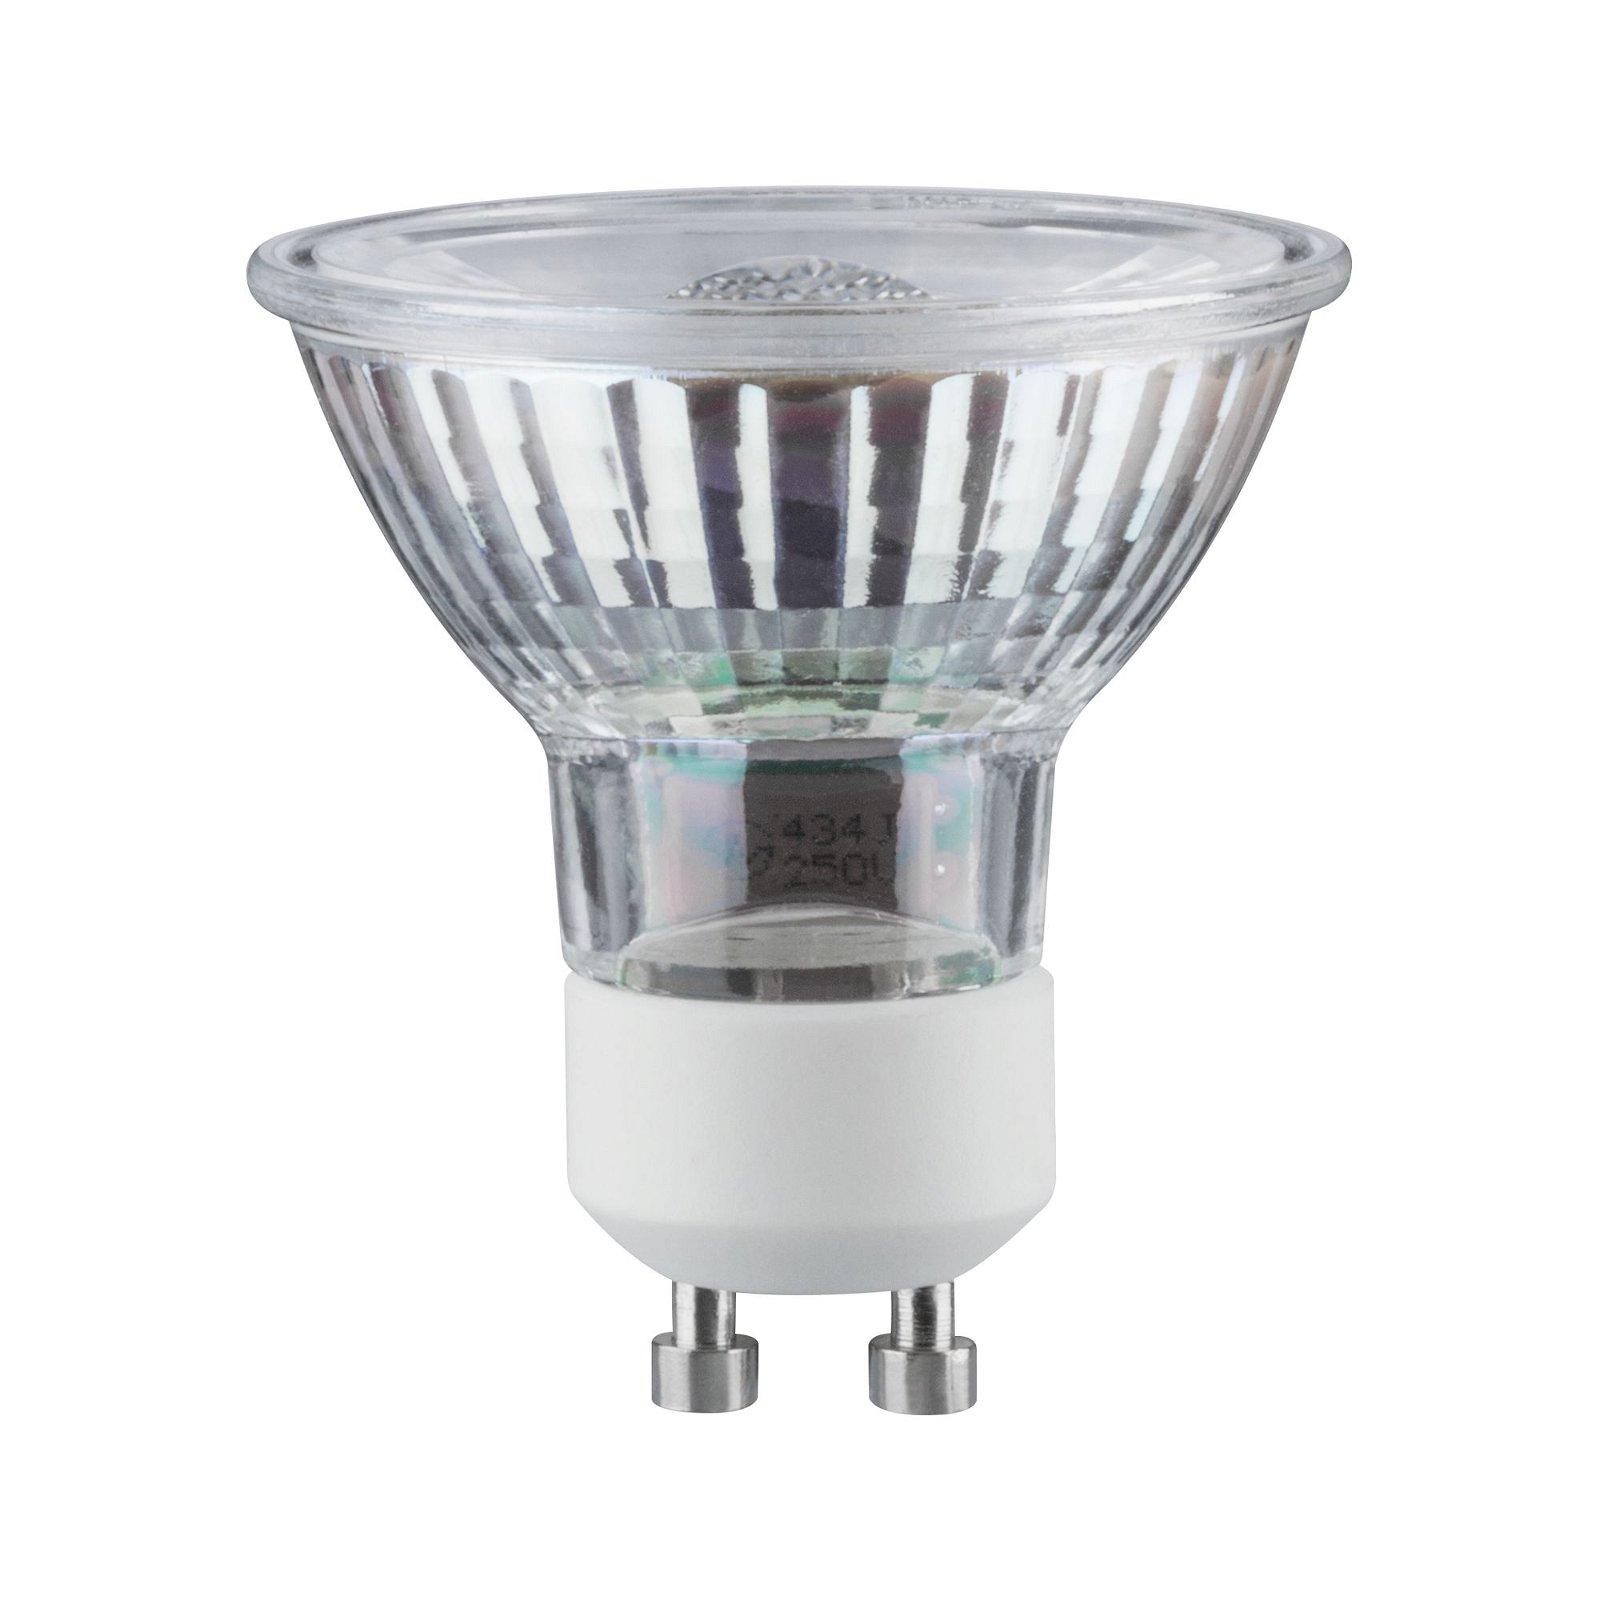 LED glasreflector 5,3 W GU10 230 V 2700 K